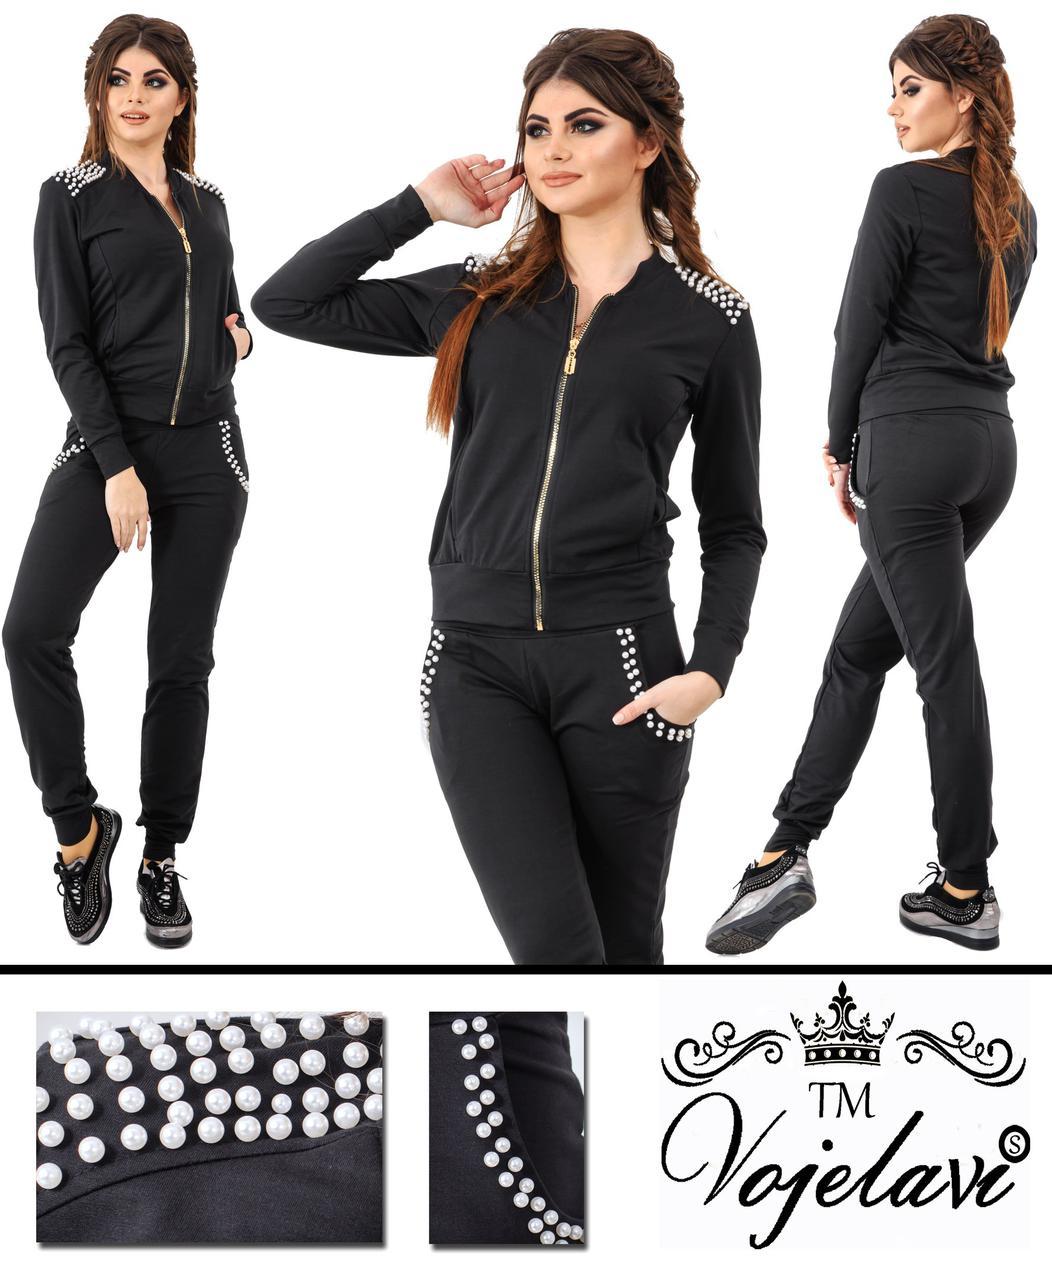 Женский черный спортивный костюм 42-46 размеры пр-во Украина 1012 ... f271f600f2a